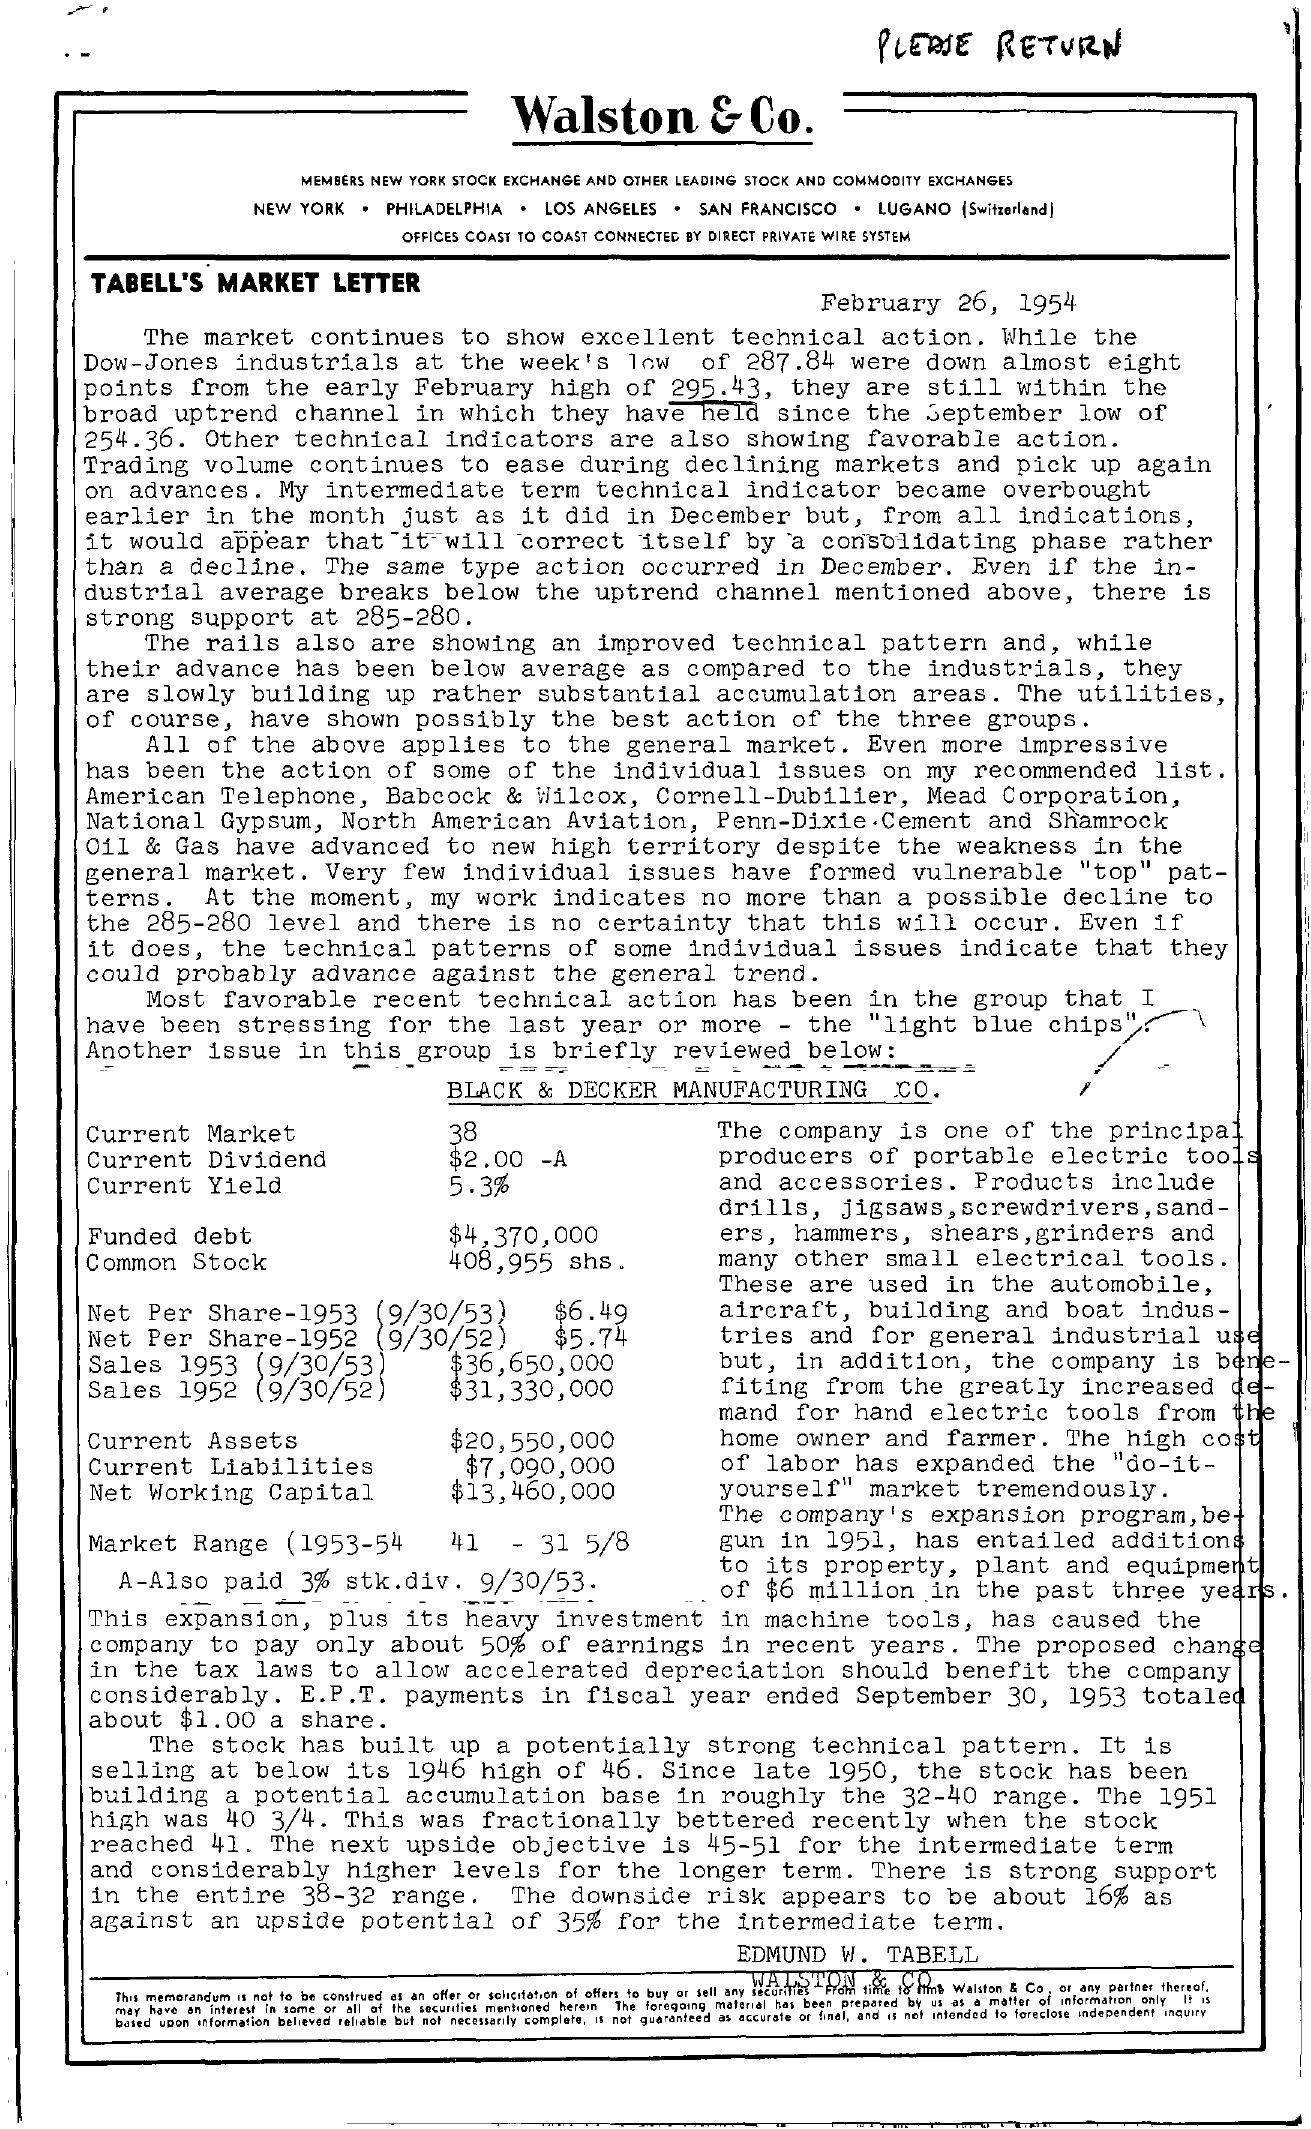 Tabell's Market Letter - February 26, 1954